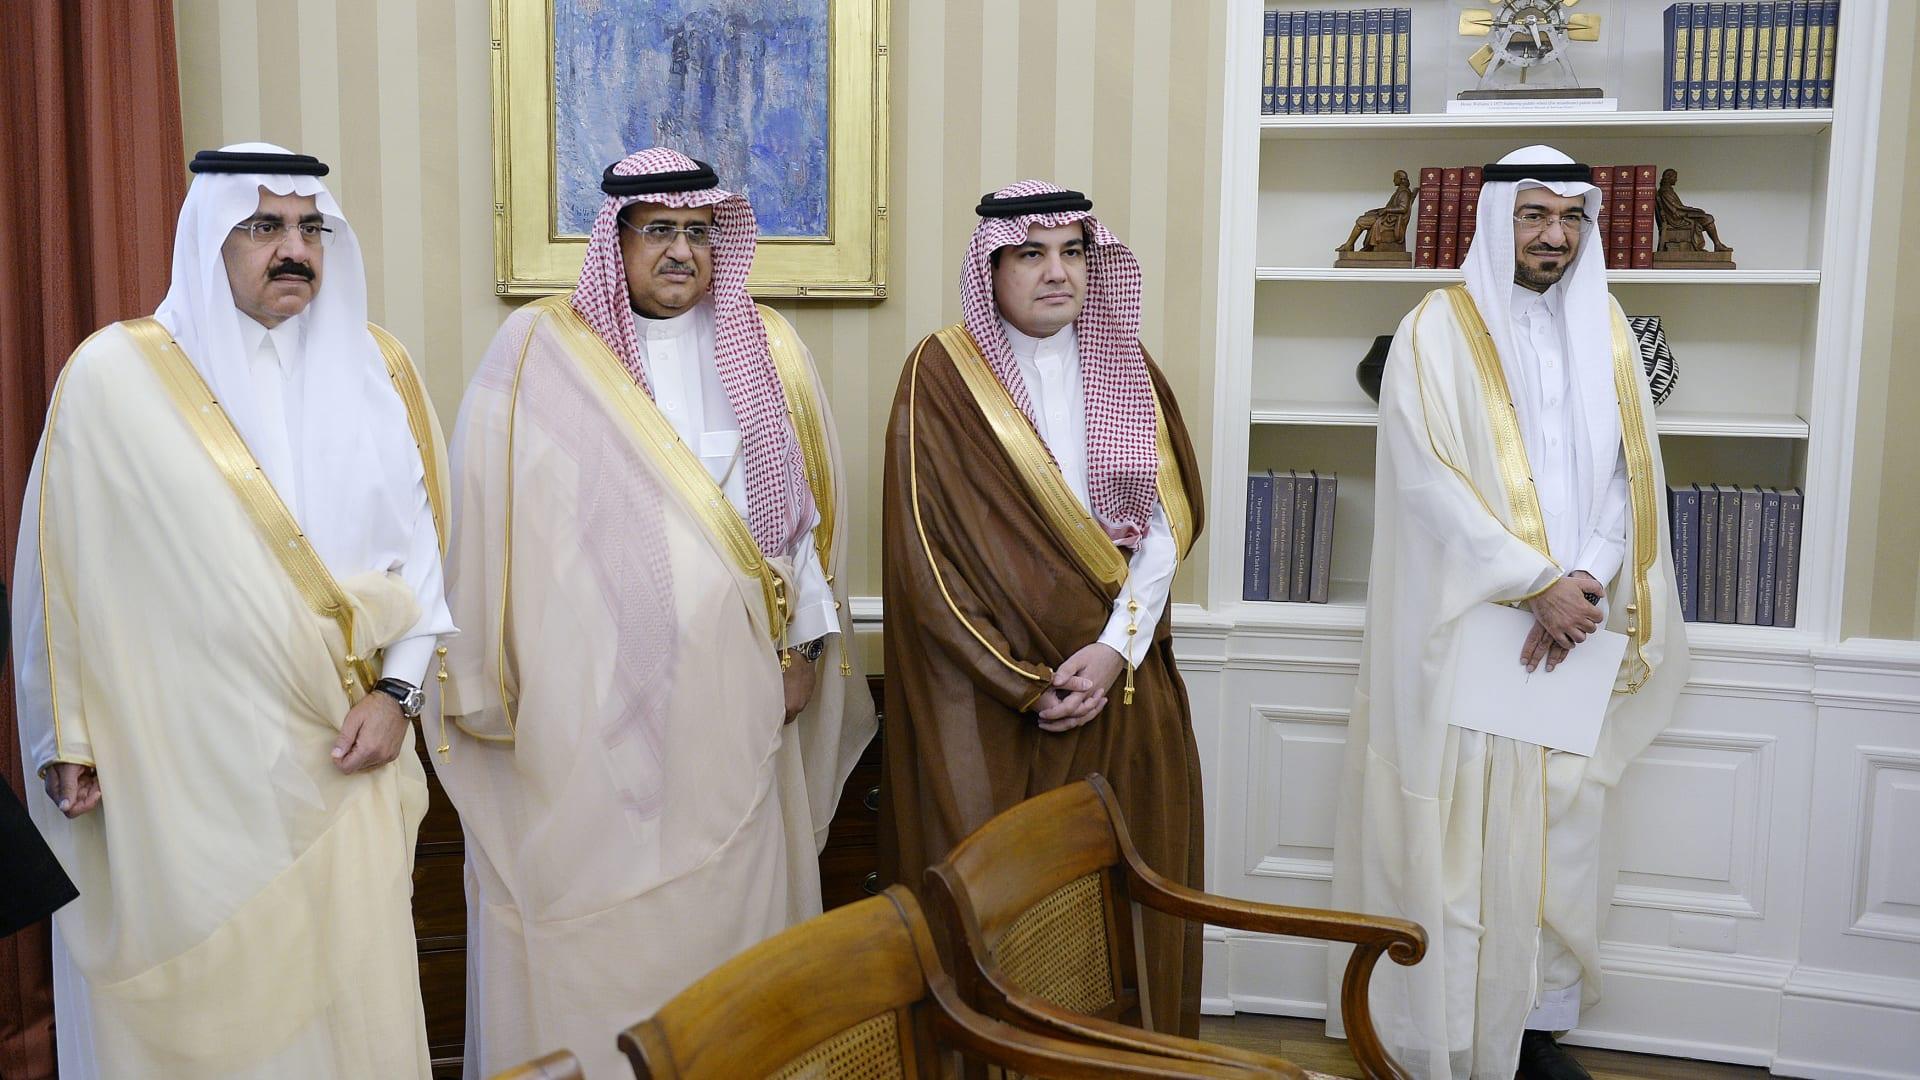 صورة أرشيفية لسعد الجبري (يمين) ضمن الوفد السعودي المرافق لمحمد بن نايف خلال لقاء مع باراك أوباما بالبيت الأبيض عام 2015